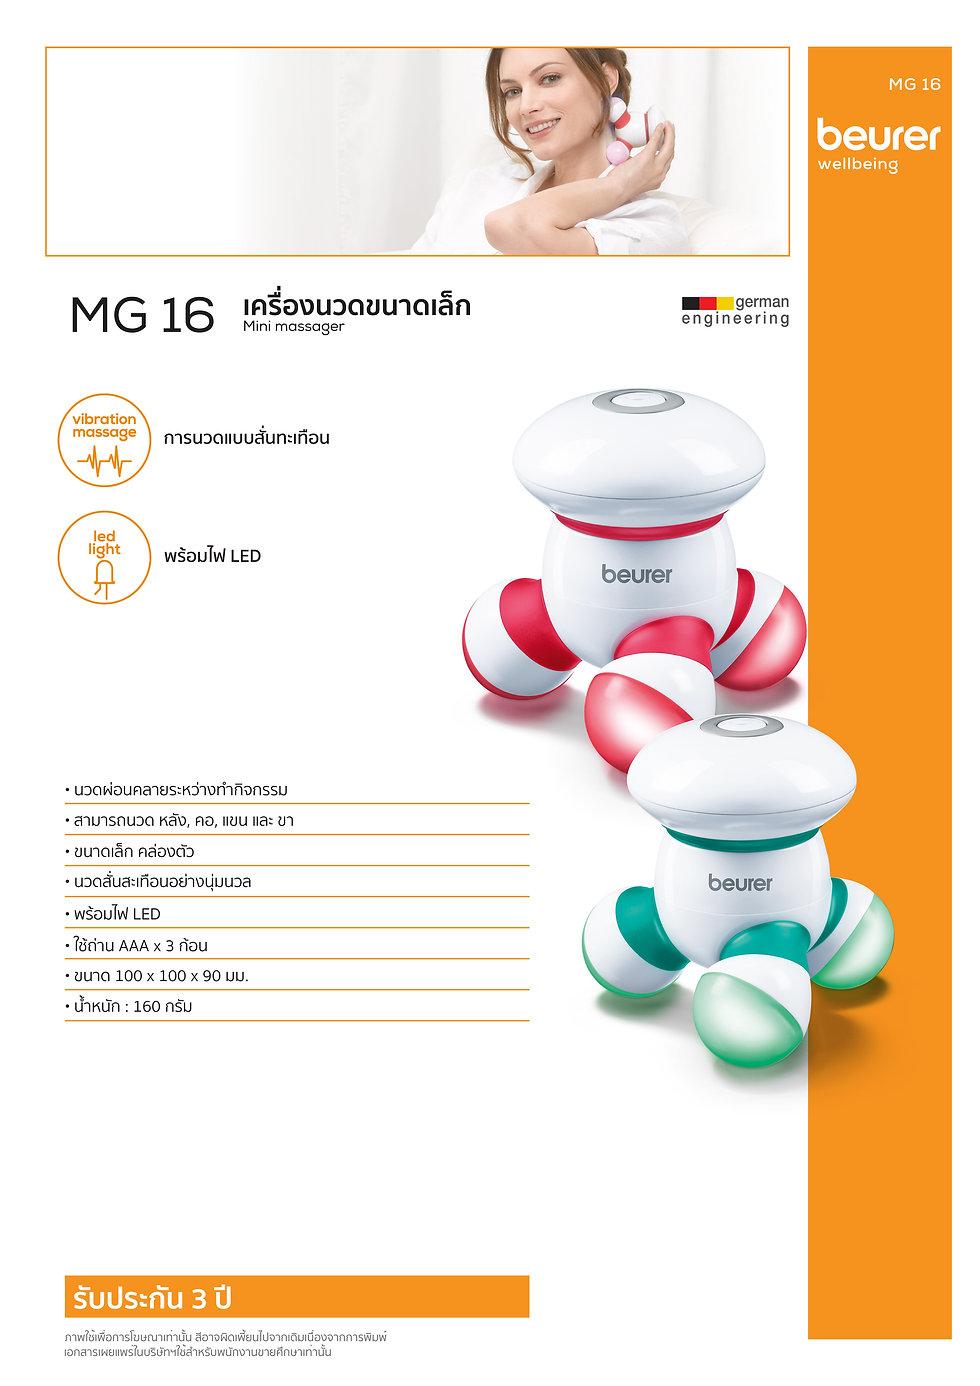 MG 16.jpg